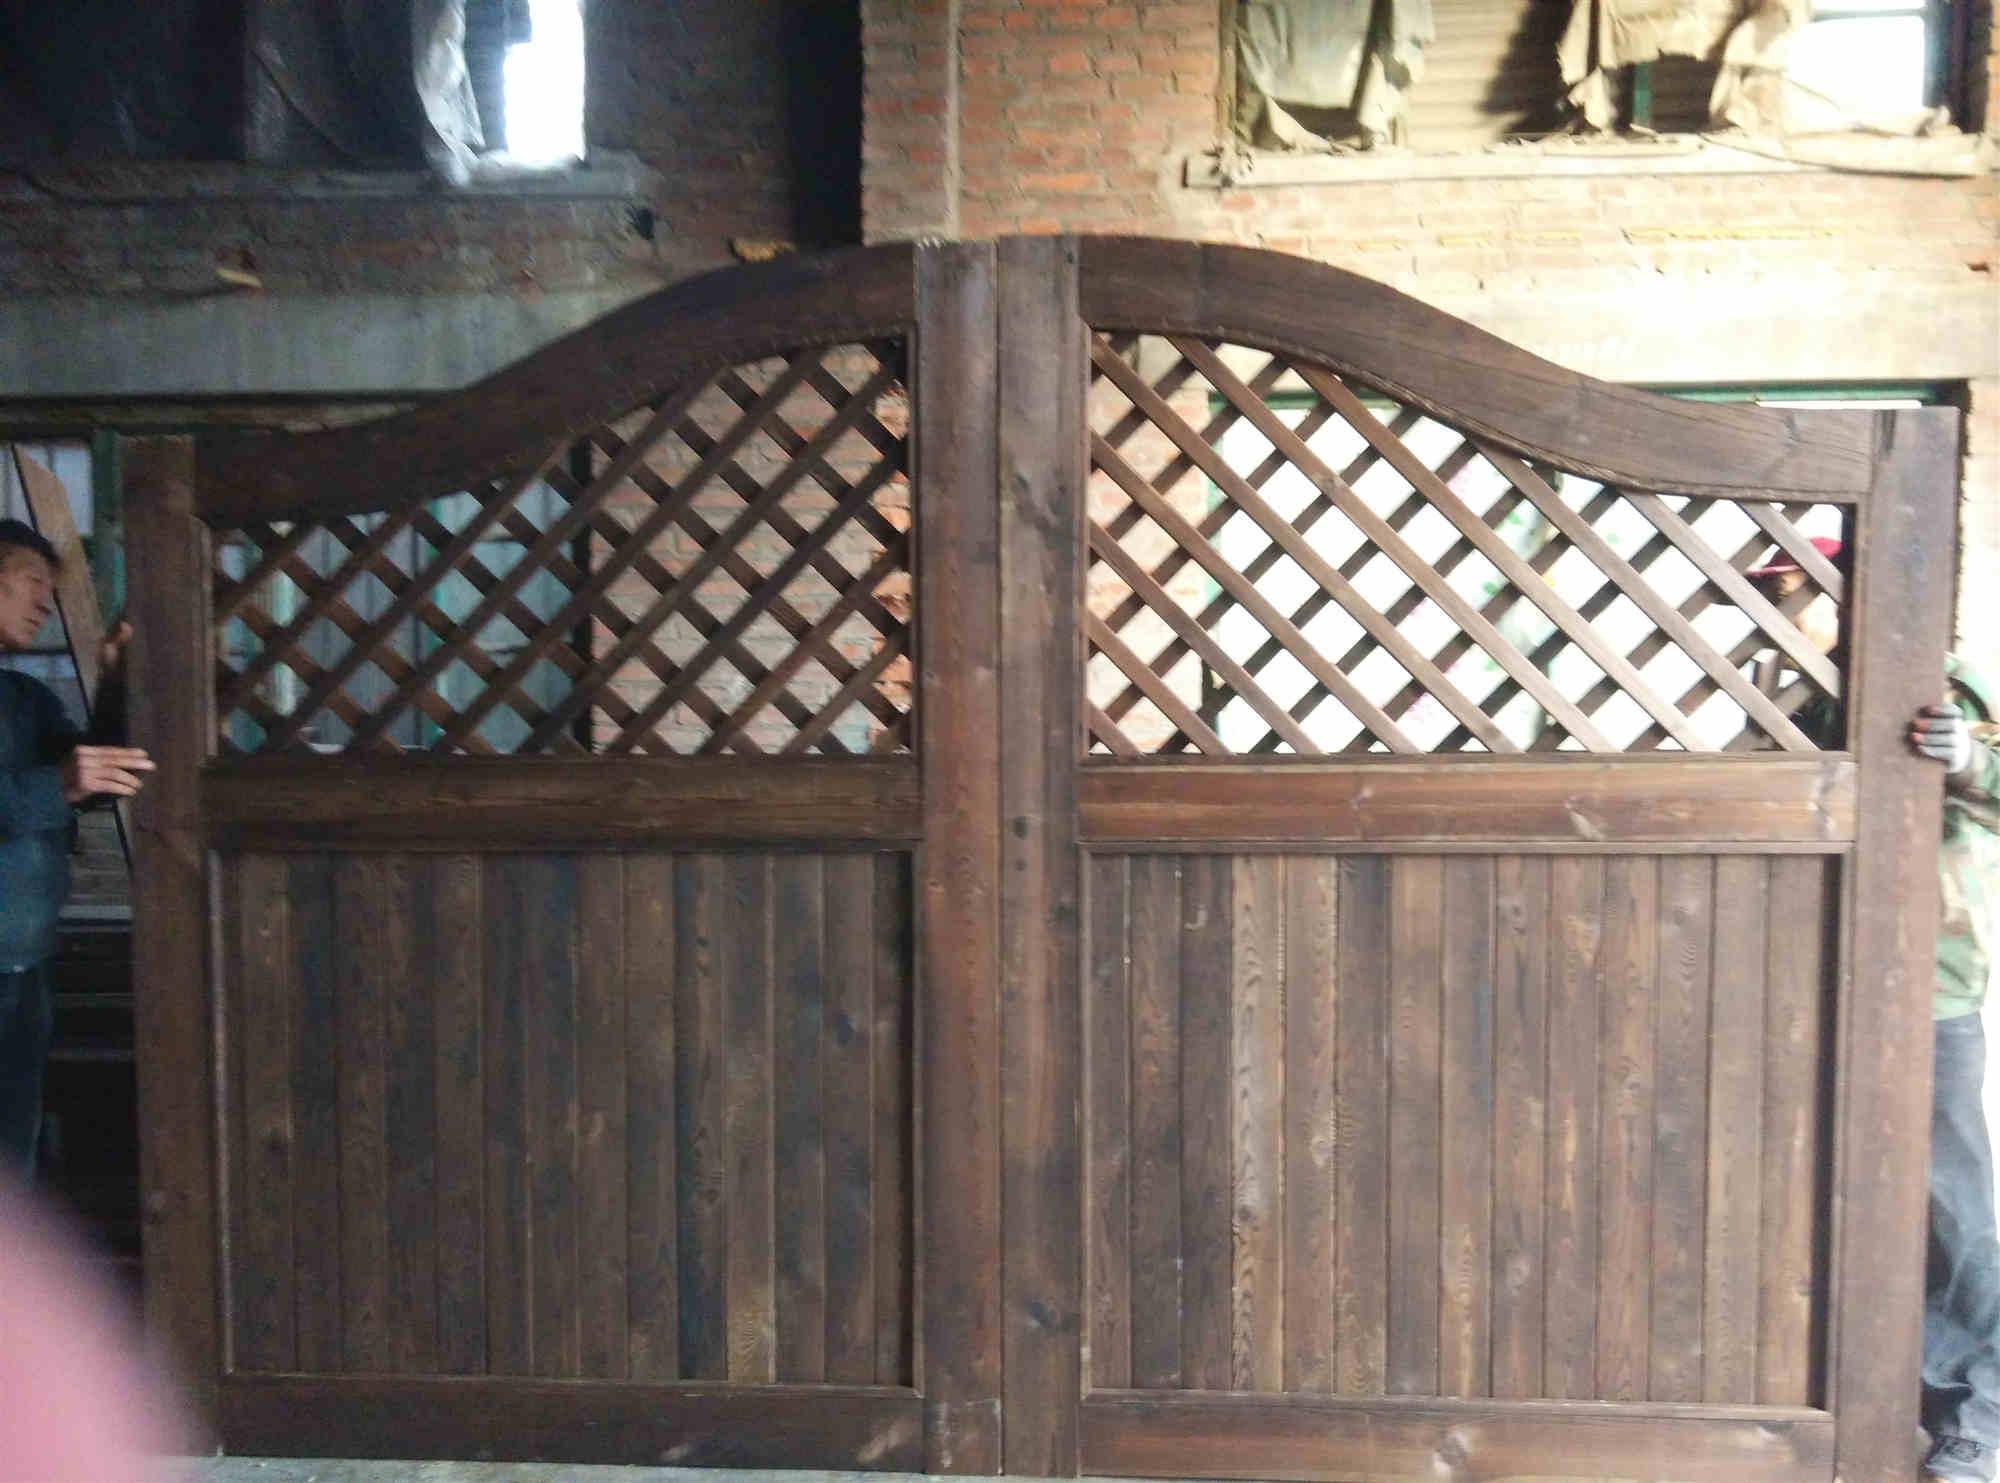 盘锦碳化木-铁岭鑫升木材好用的碳化木新品上市